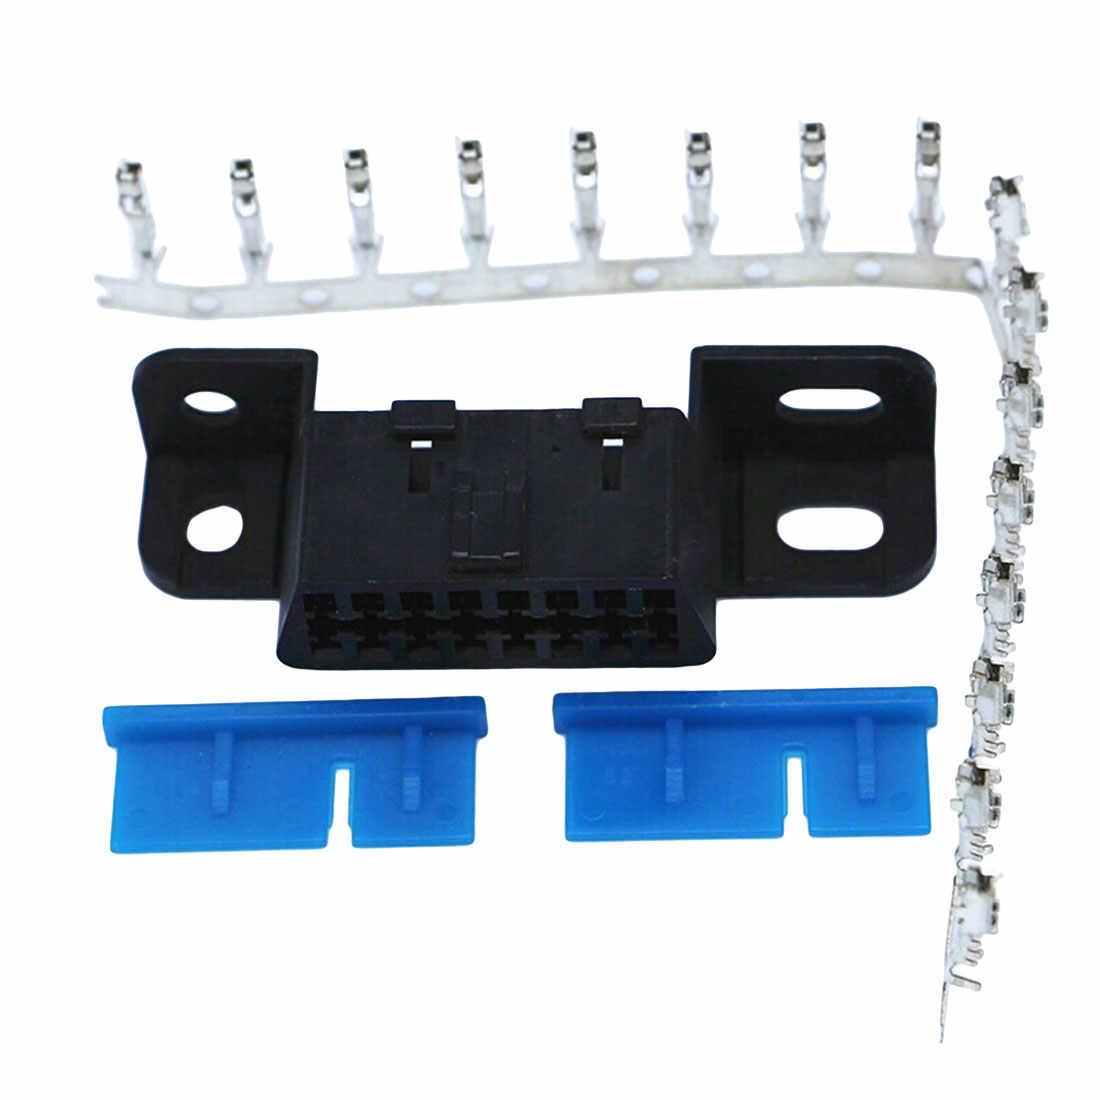 small resolution of marsnaska 16pin obd2 connector obd 2 16pin female angle connector obd female wire sockets connector obd